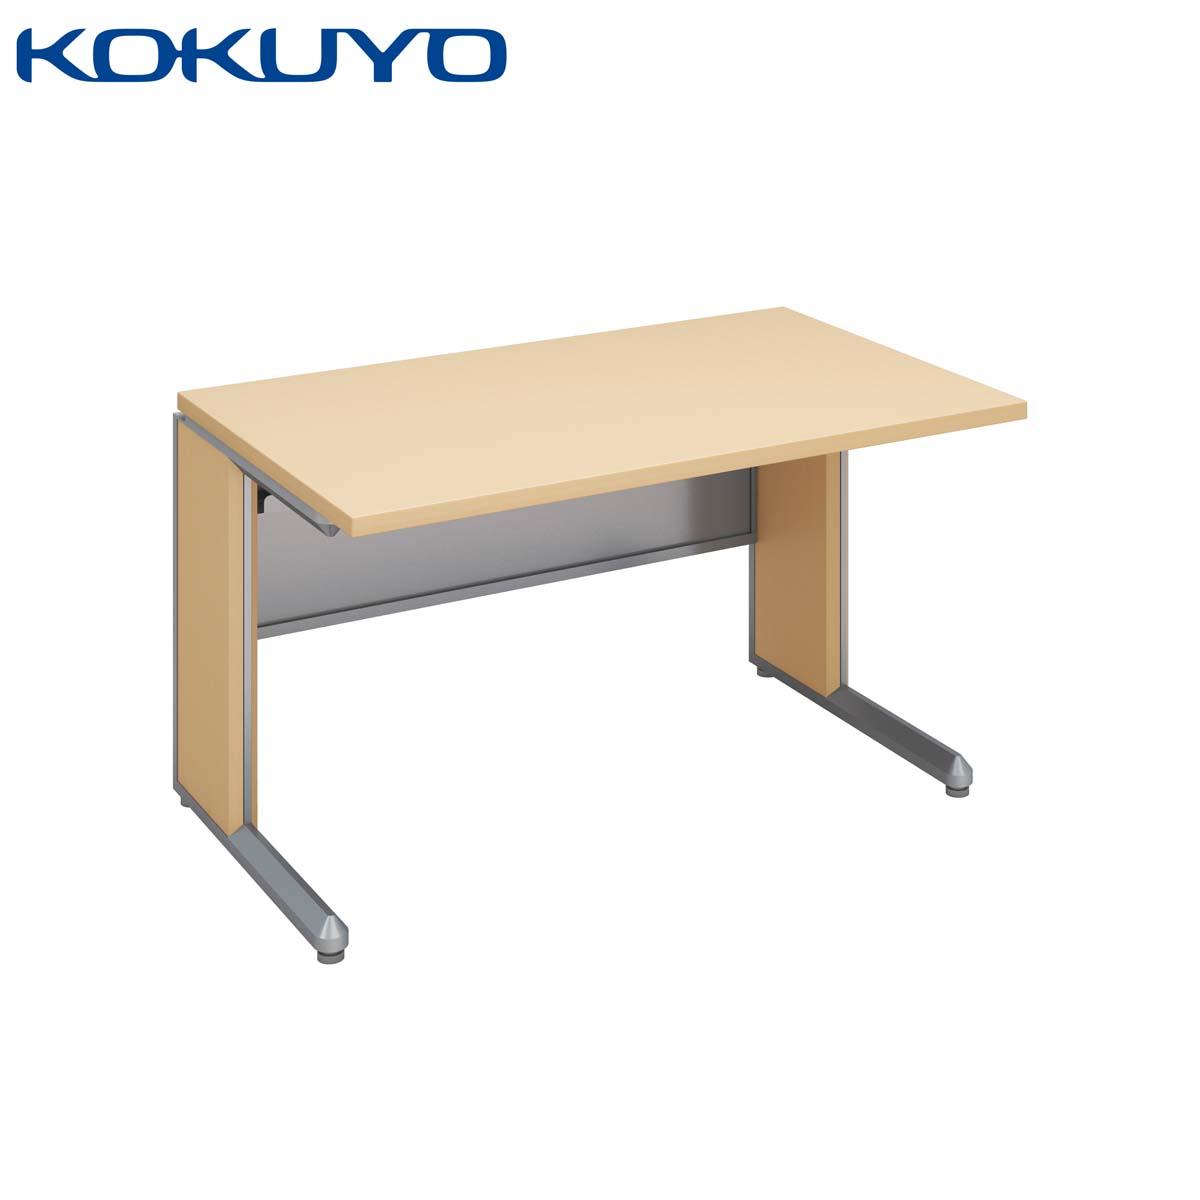 コクヨ オフィスデスク 事務用デスク FRESCO フレスコデスクシステム SD-FR128LP81P1MN4 スタンダードテーブル スリットタイプ 幅120×奥行80cm